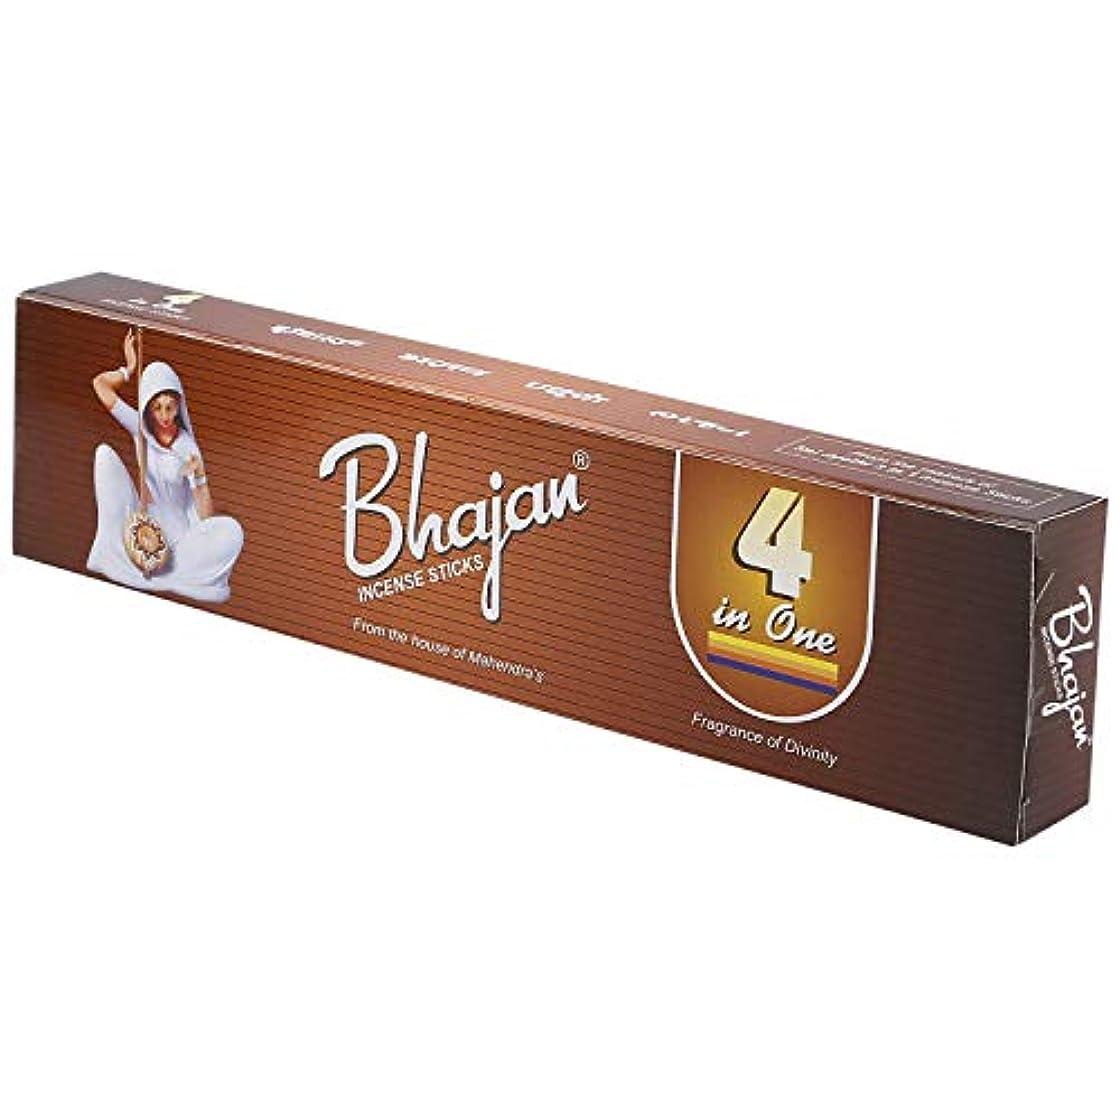 マッシュ従者プラカードMahendra's Bhajan 100 (4in1) Incense Sticks - 4 Box Combo with Free Perfume Bag